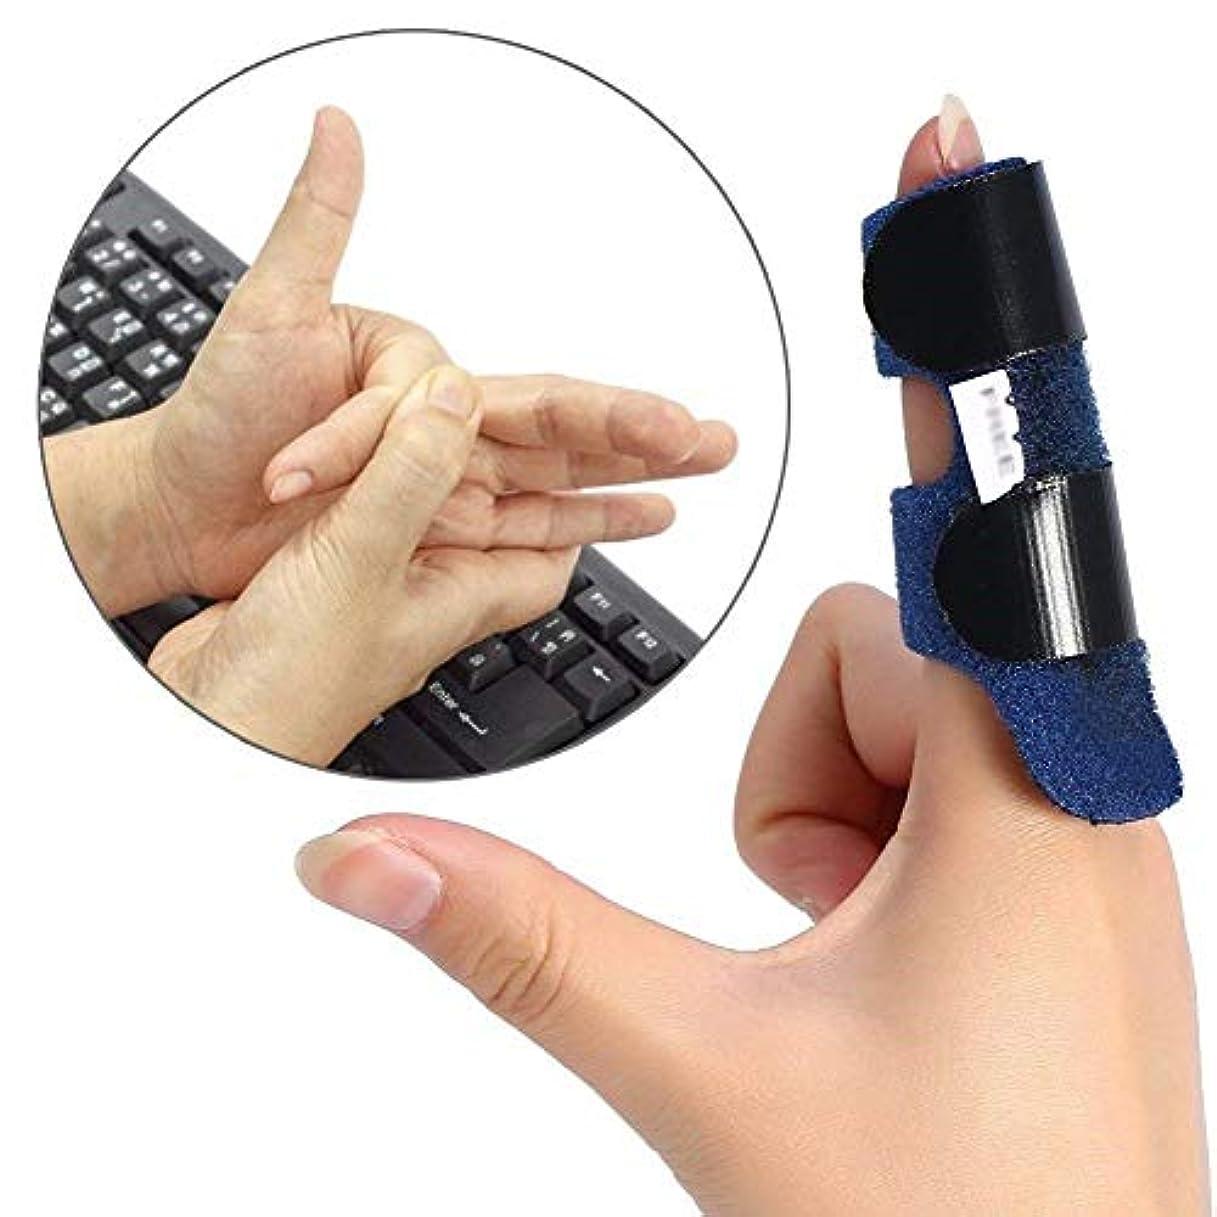 ねじれ抗生物質コウモリすべての指トリガーの指矯正ブレースに適した指の怪我のサポート-内蔵のアルミニウム調整可能ストラップ